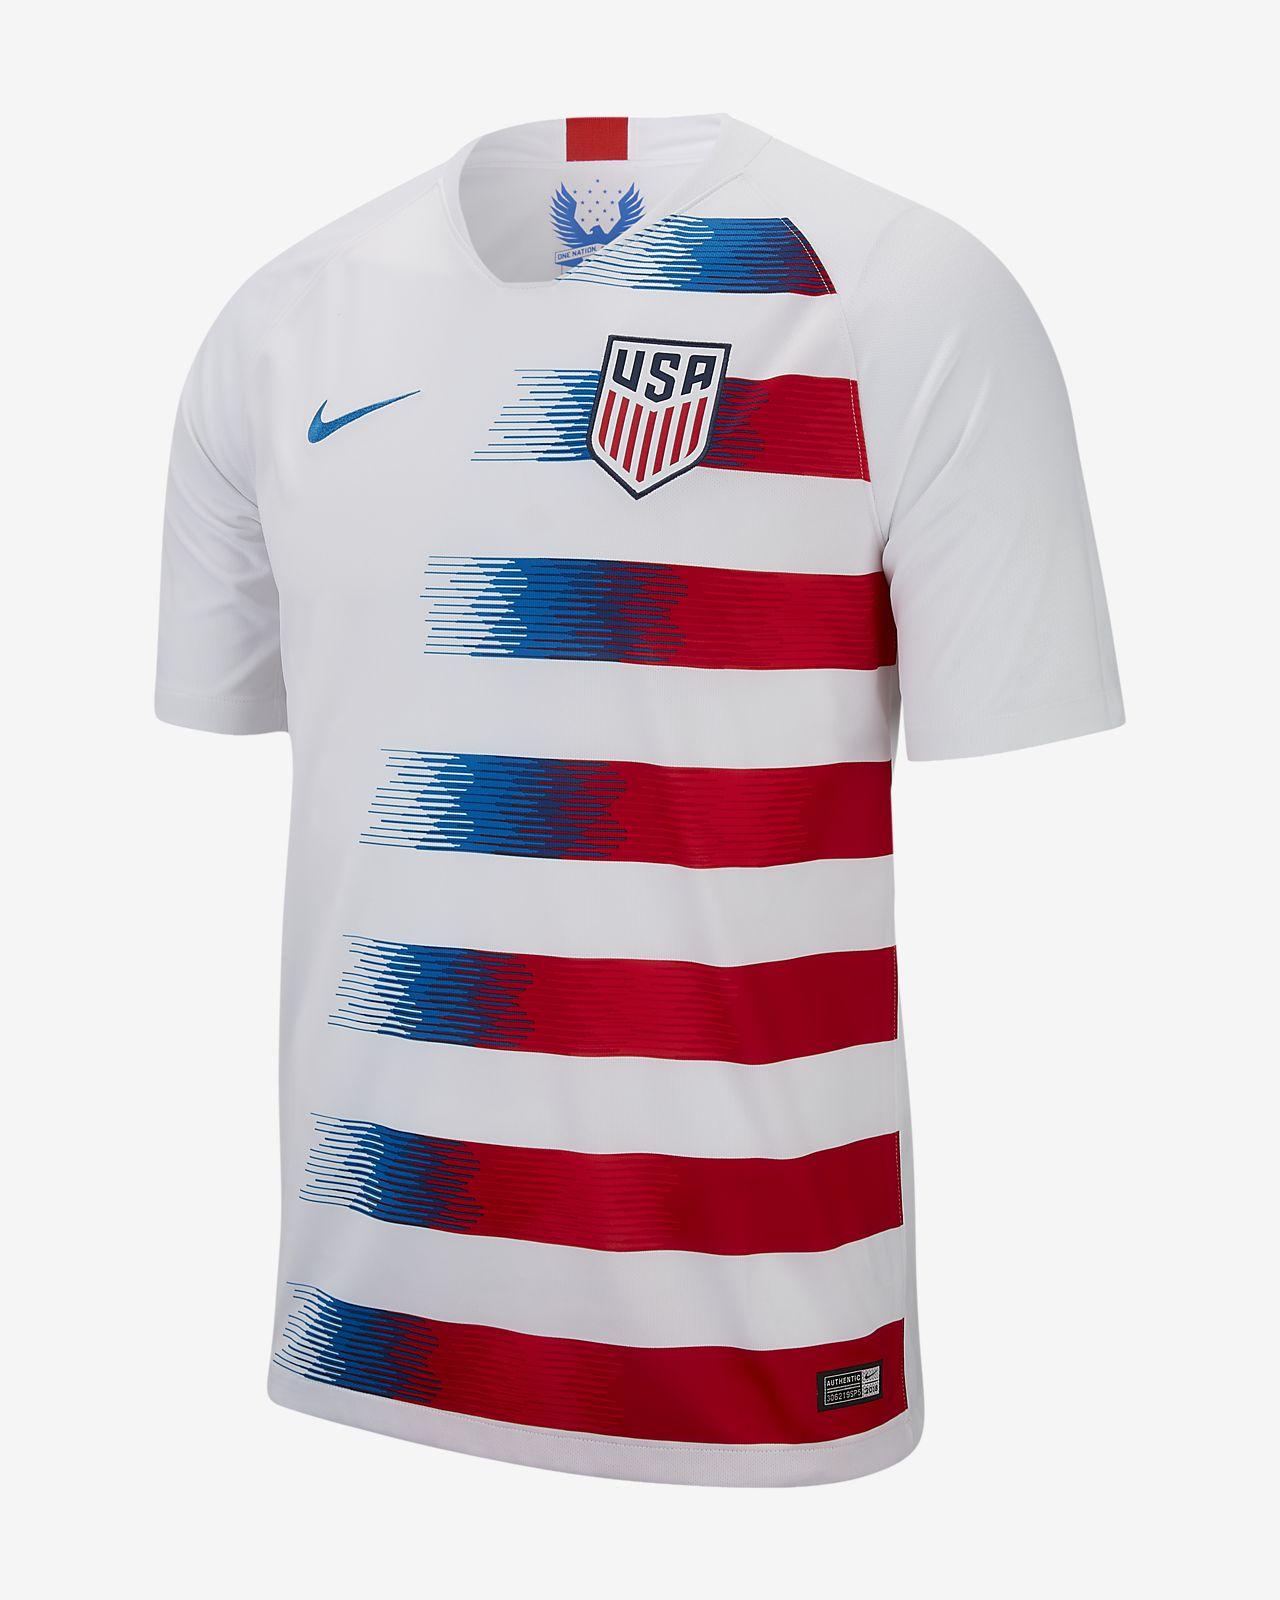 2018 アメリカ U.S. スタジアム ホーム メンズ サッカージャージー